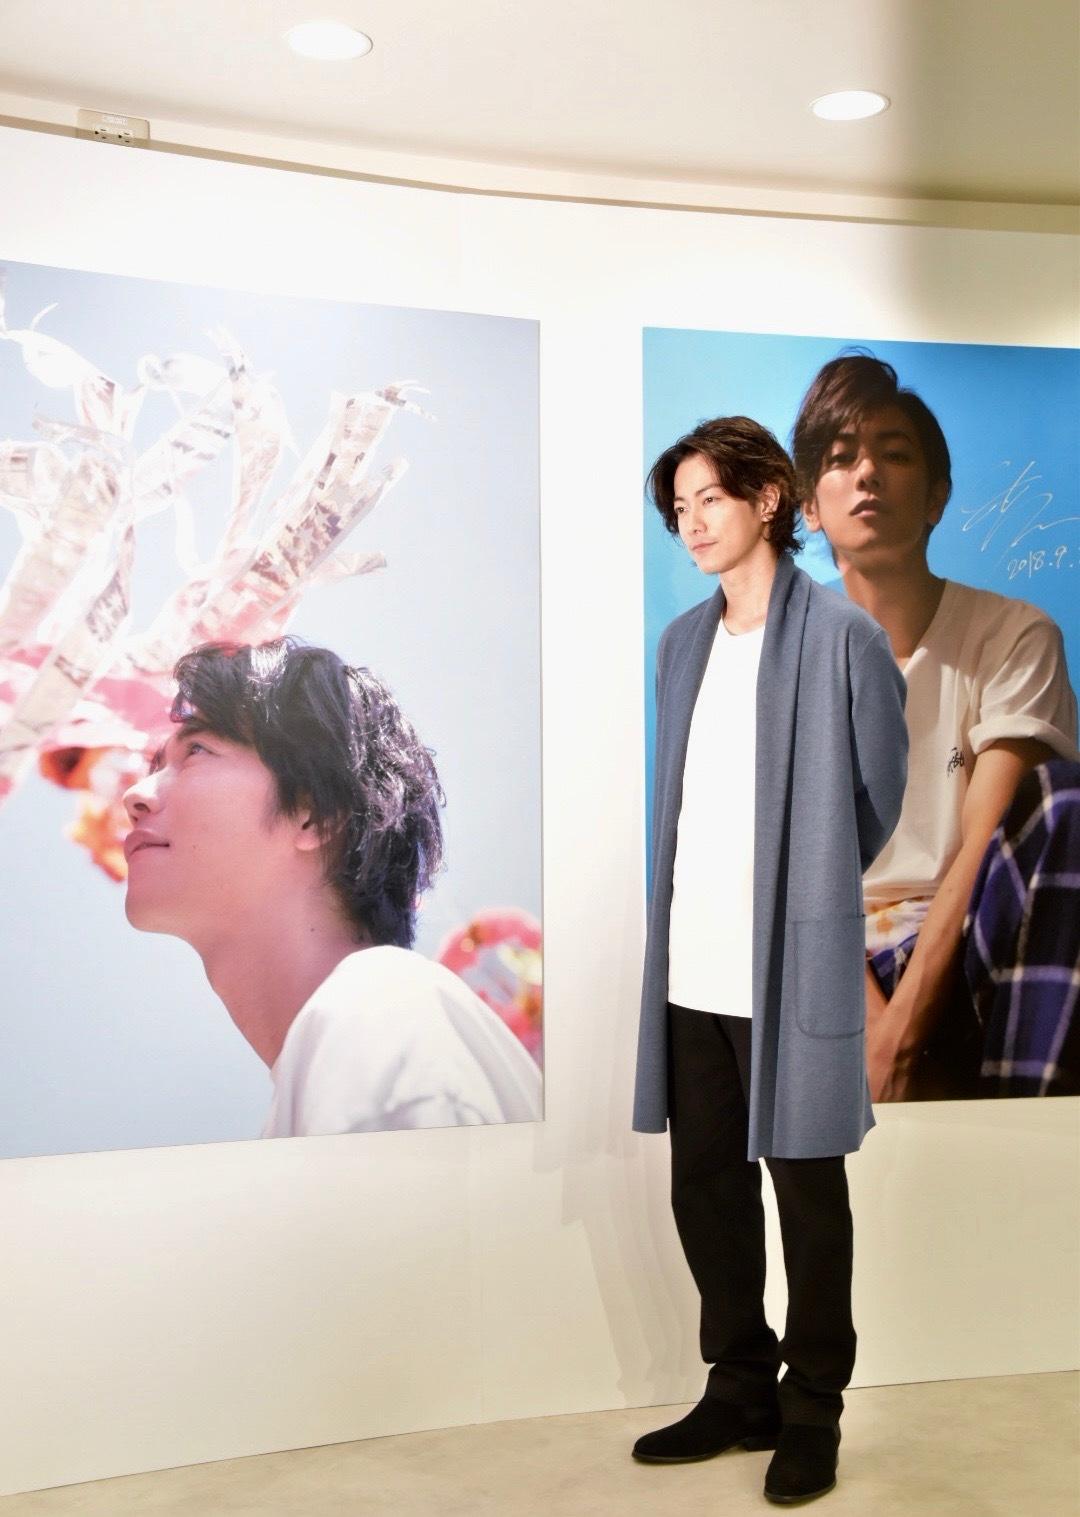 本展のお気に入り写真について聞かれると、水色の空を背景にした一枚(左)をチョイス